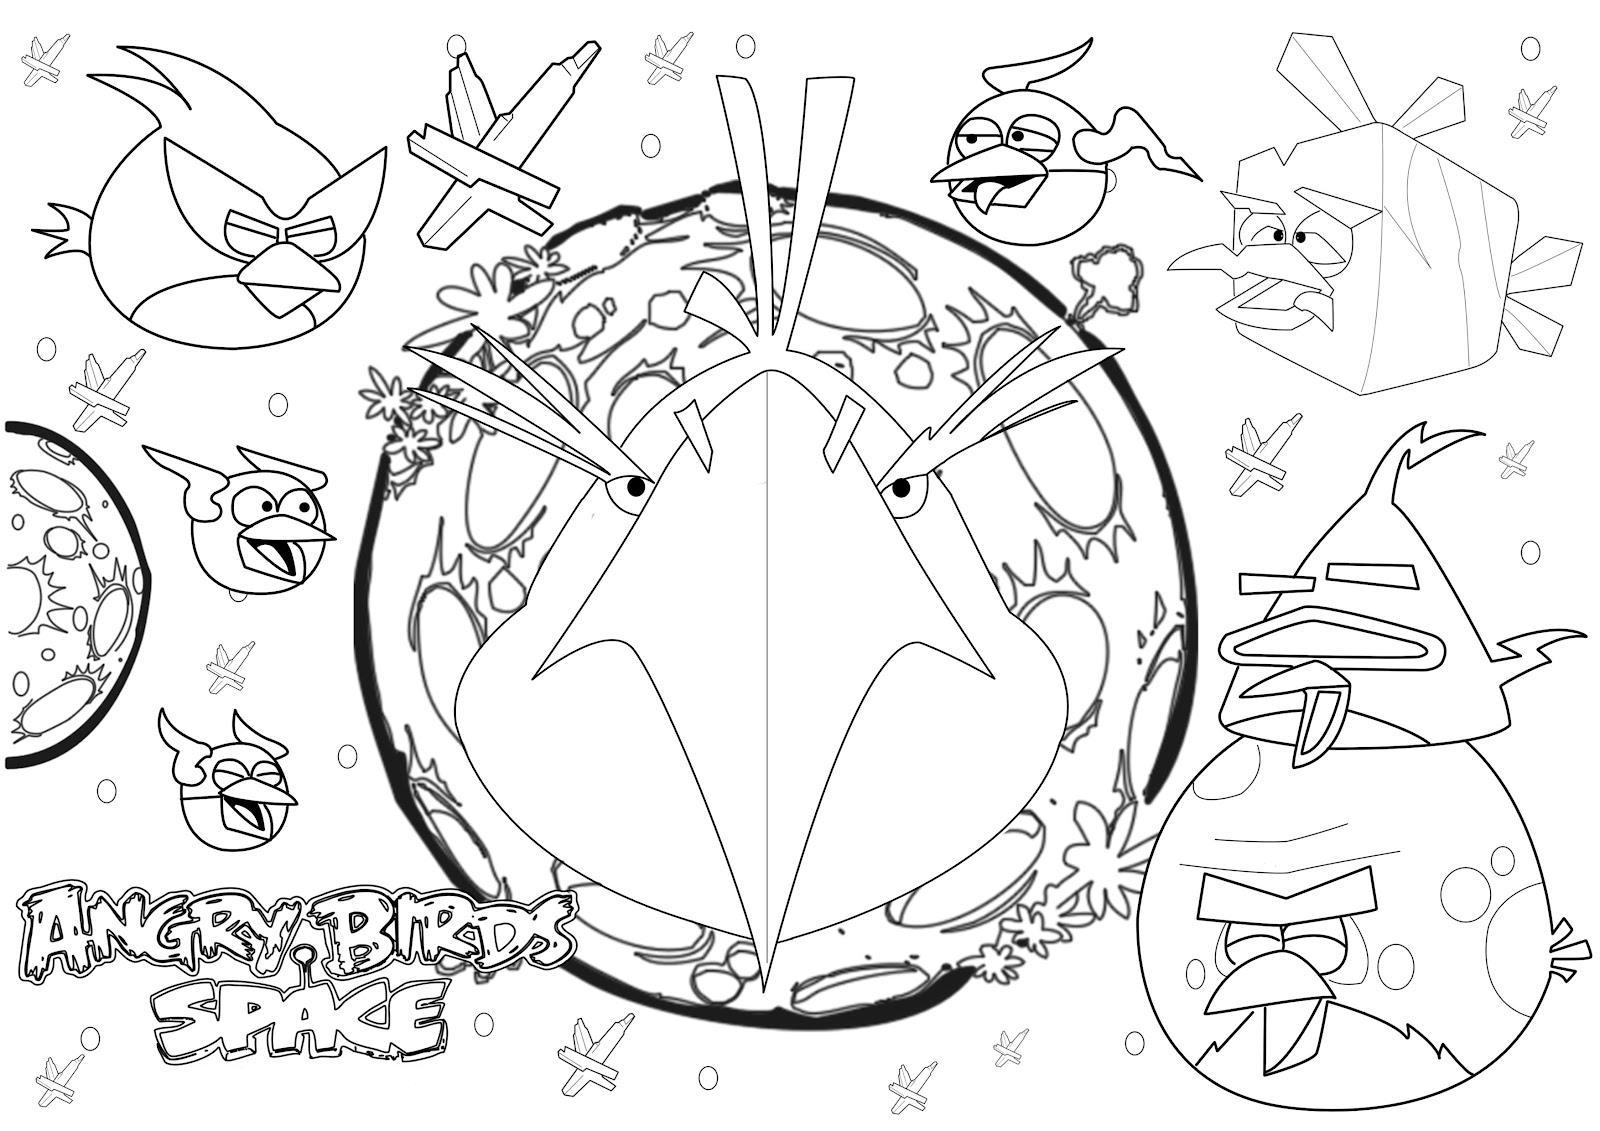 Dibujo Para Colorear De Angry Birds Space Eagle Bird